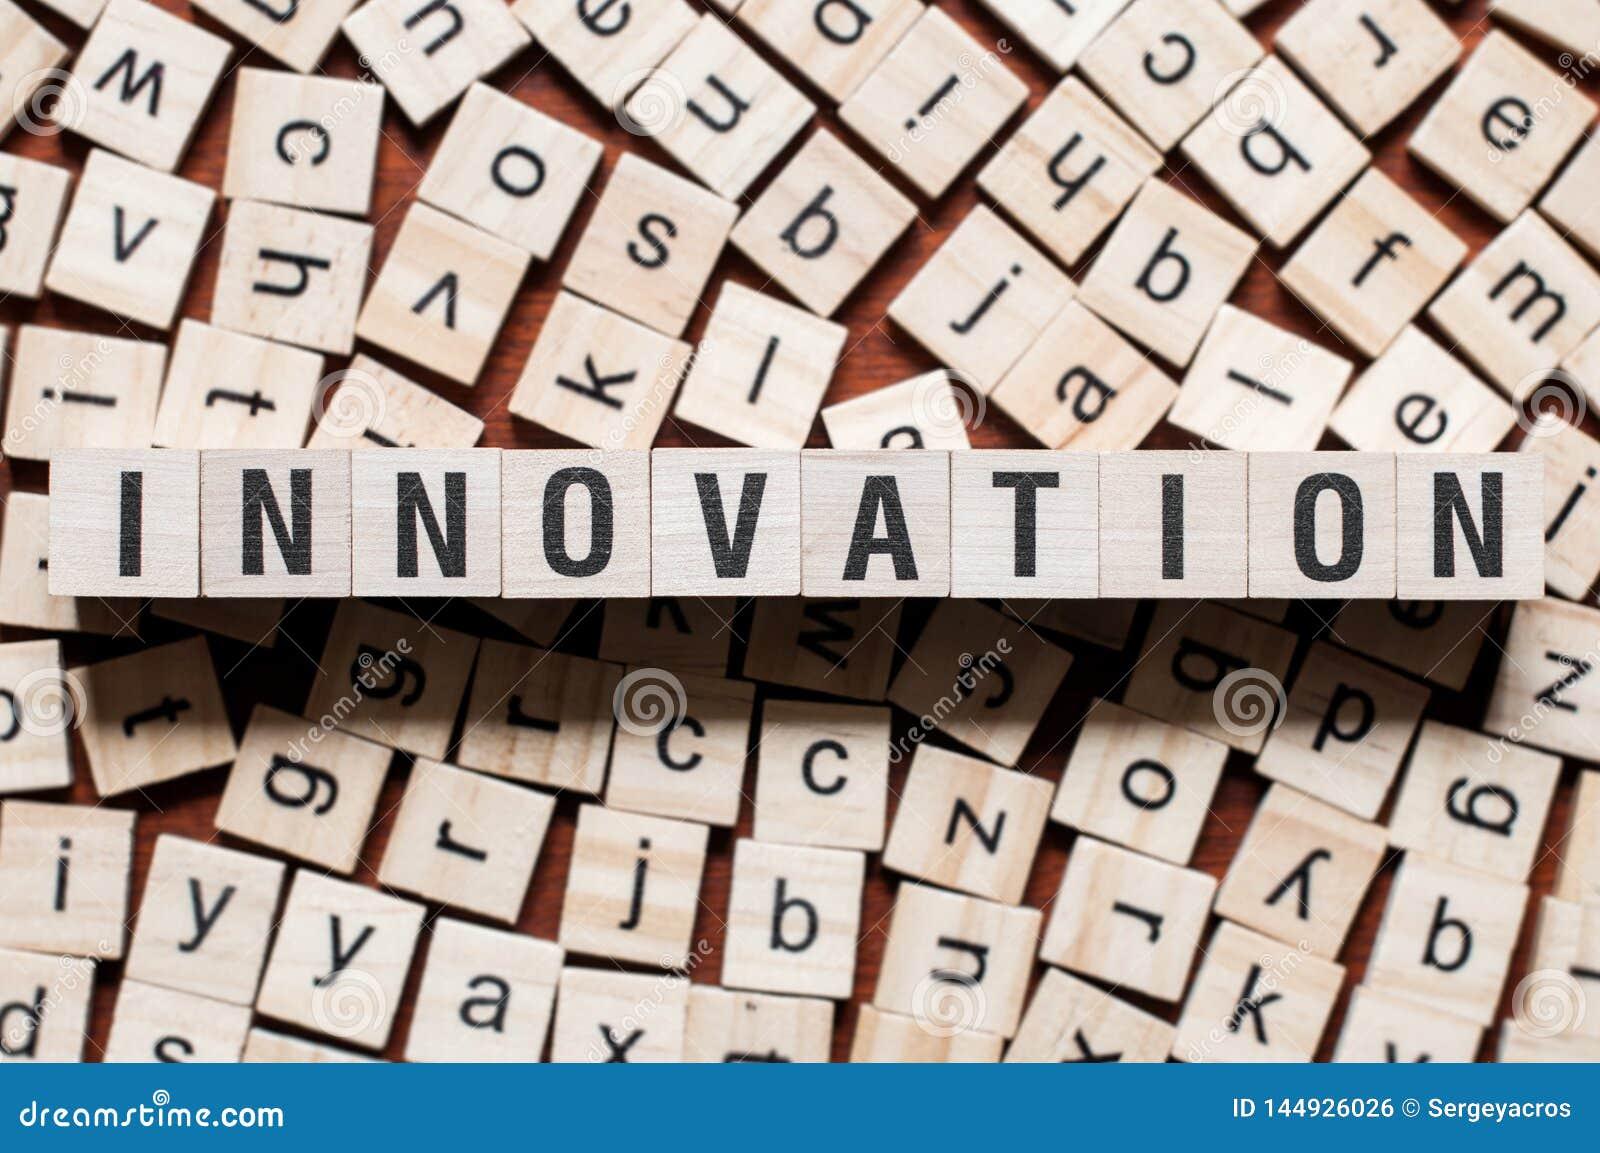 Концепция слова нововведения